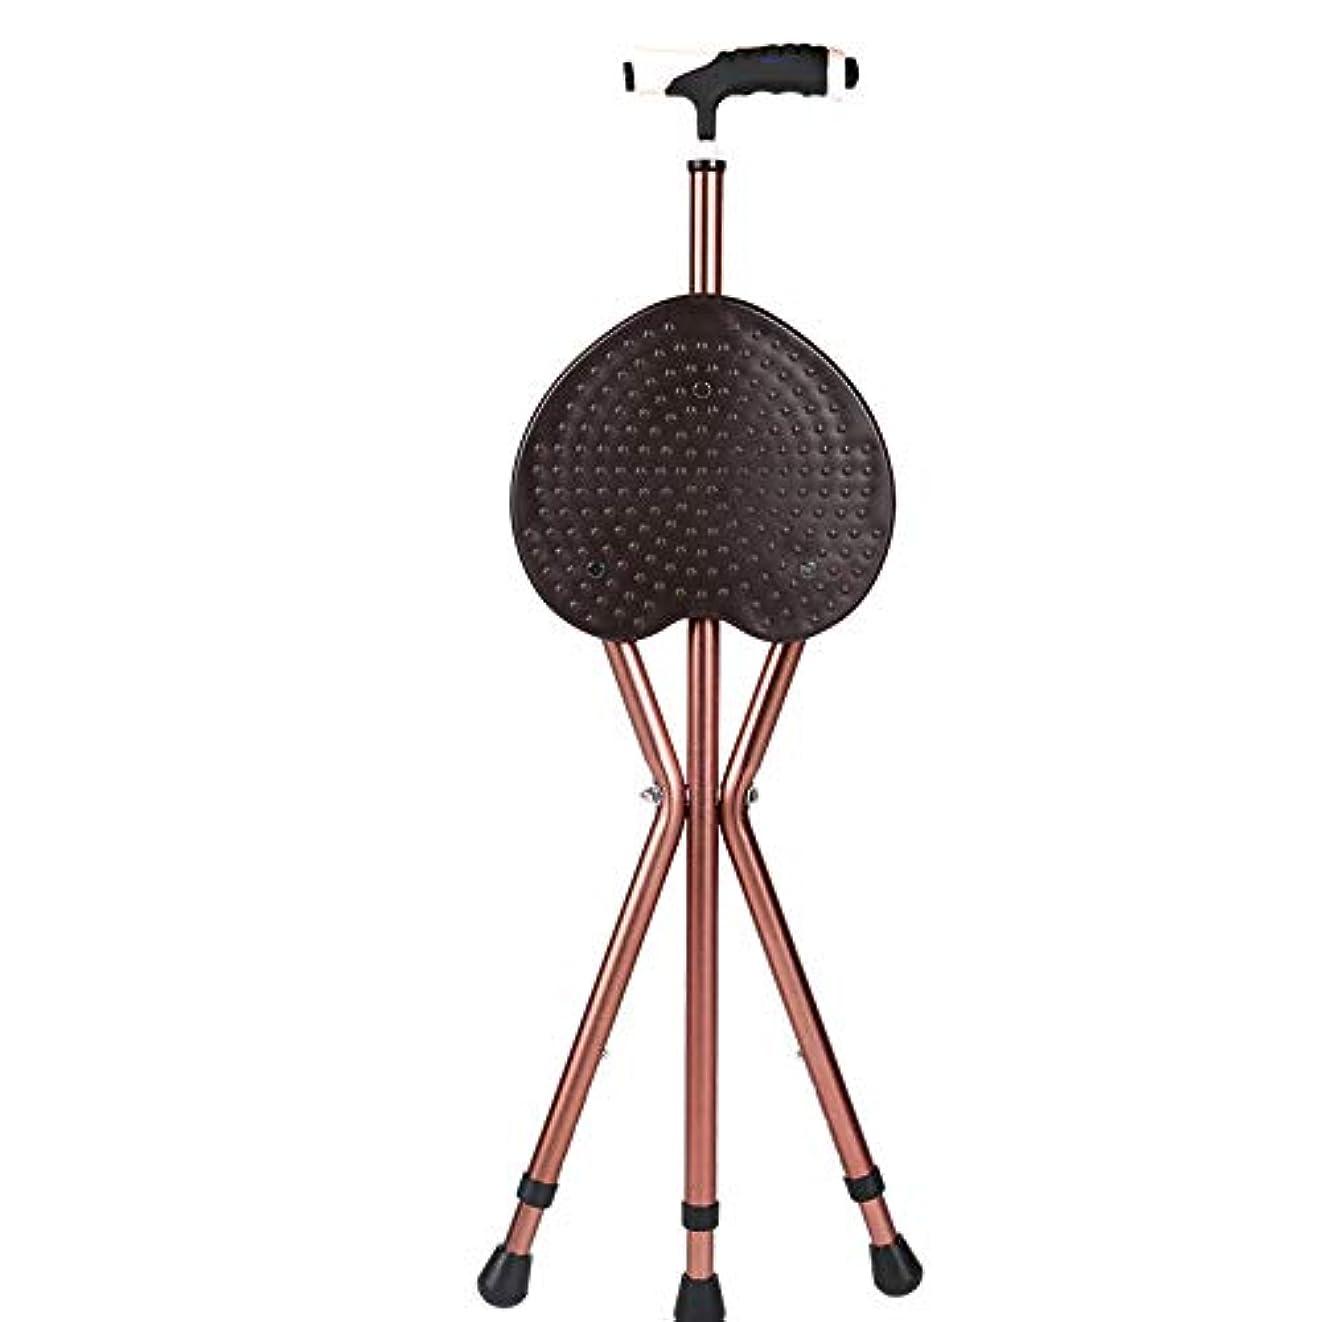 粘着性技術南ウォーキングスティックチェアメタルポータブル折りたたみウォーキングスティックチェアシートスツール旅行杖椅子釣りガーデンキャンプイベントスツール